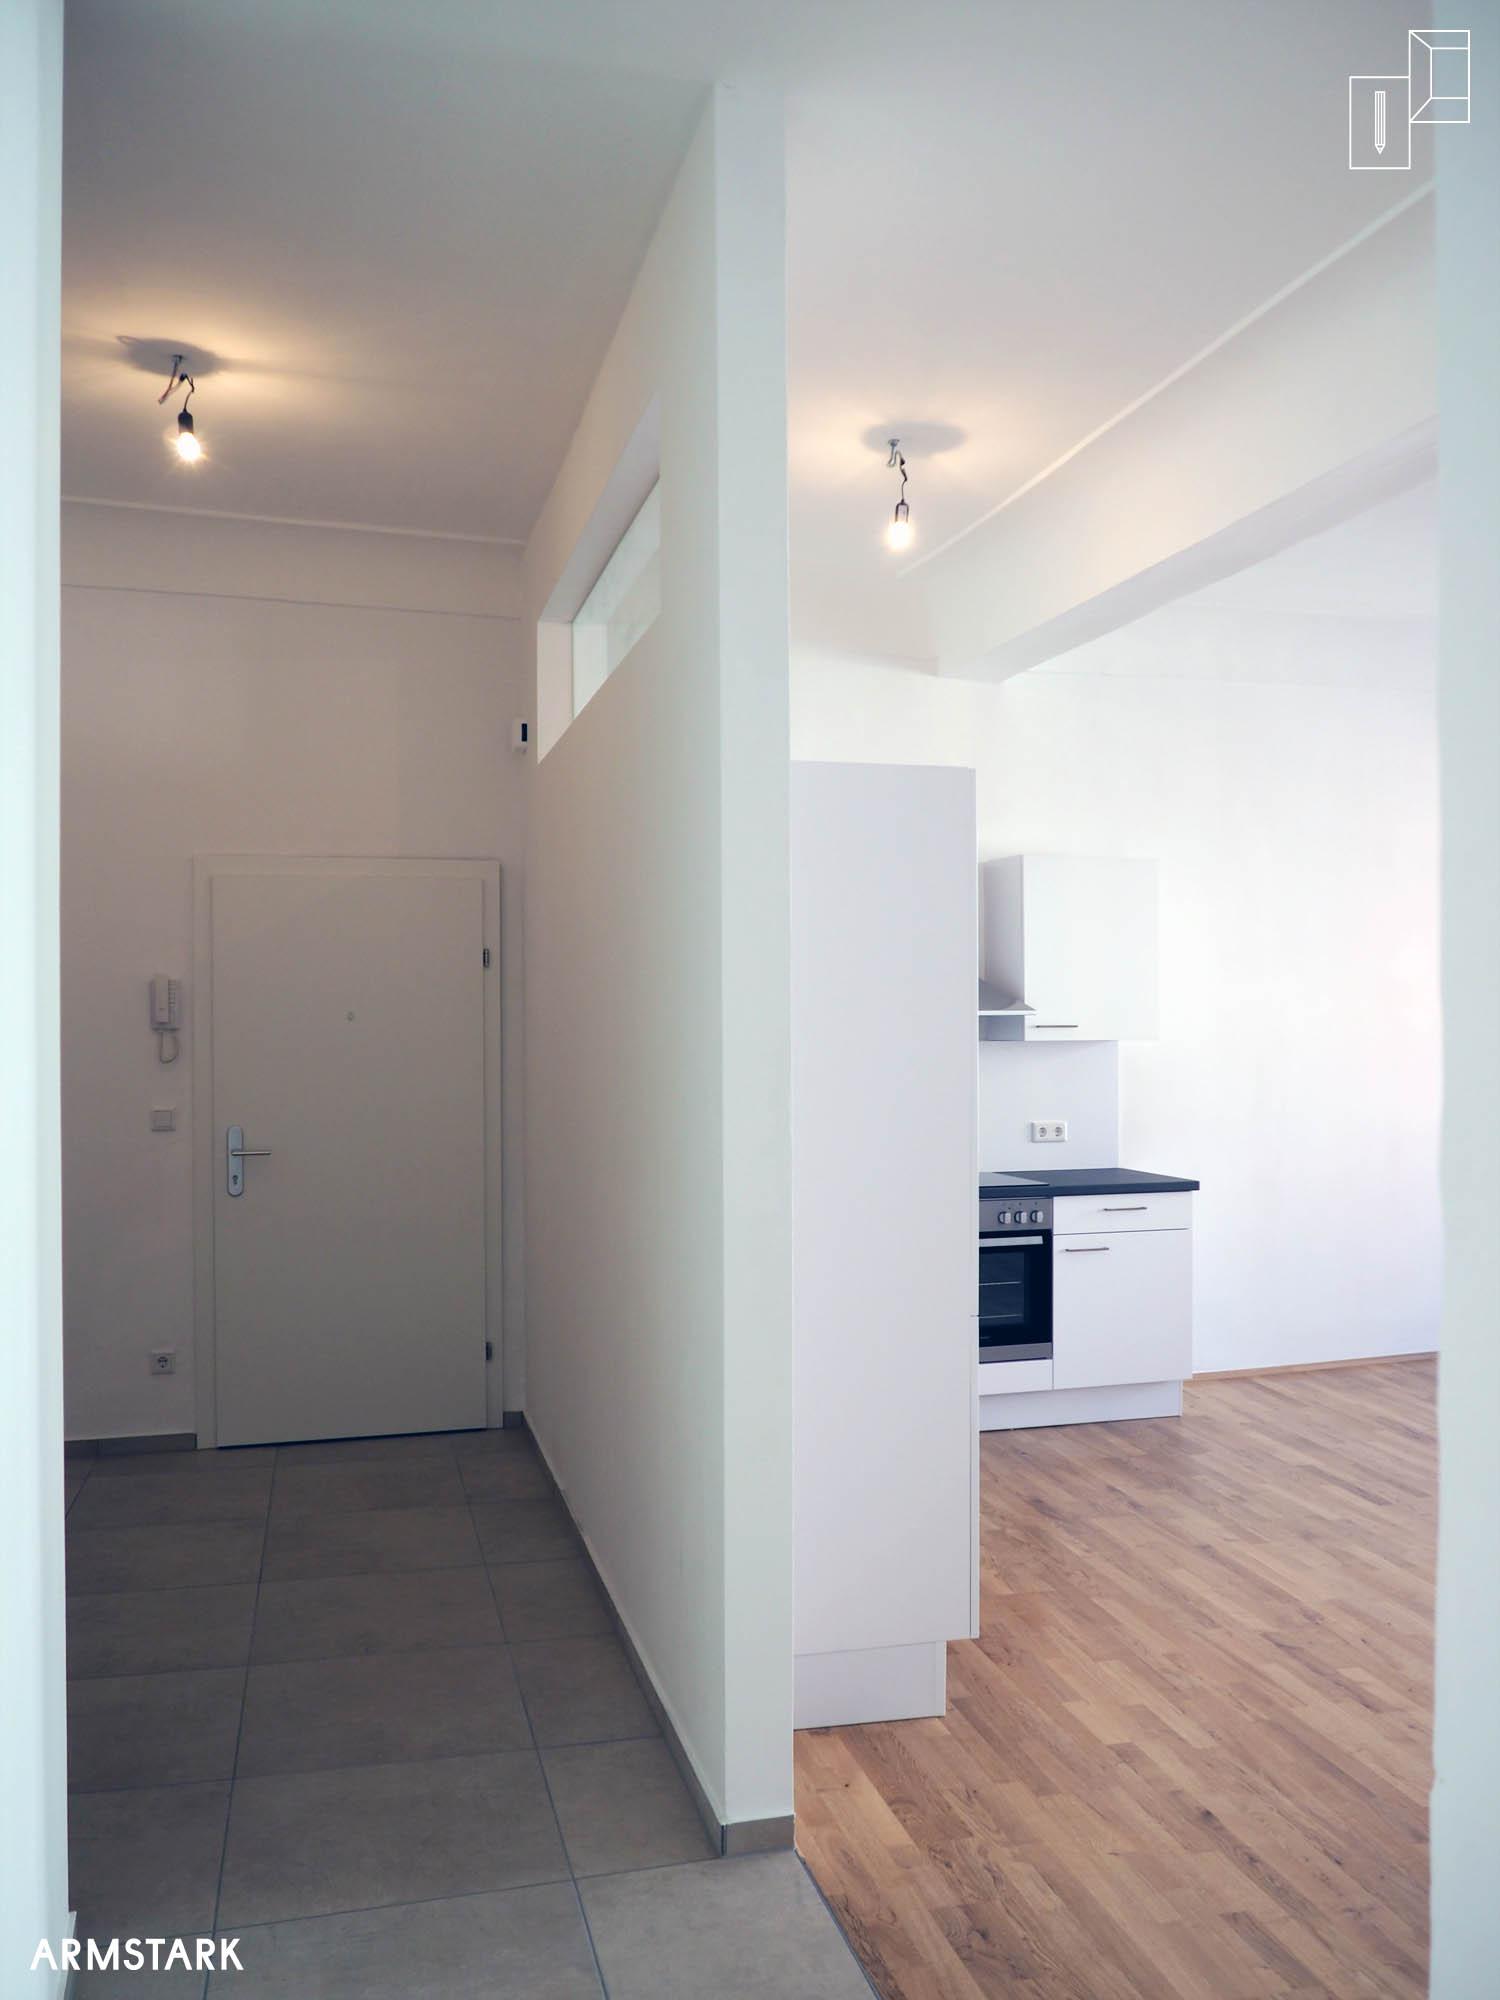 Altbau saniert von Armstarkdesign_2016_04-Vorraum-Küche.jpg